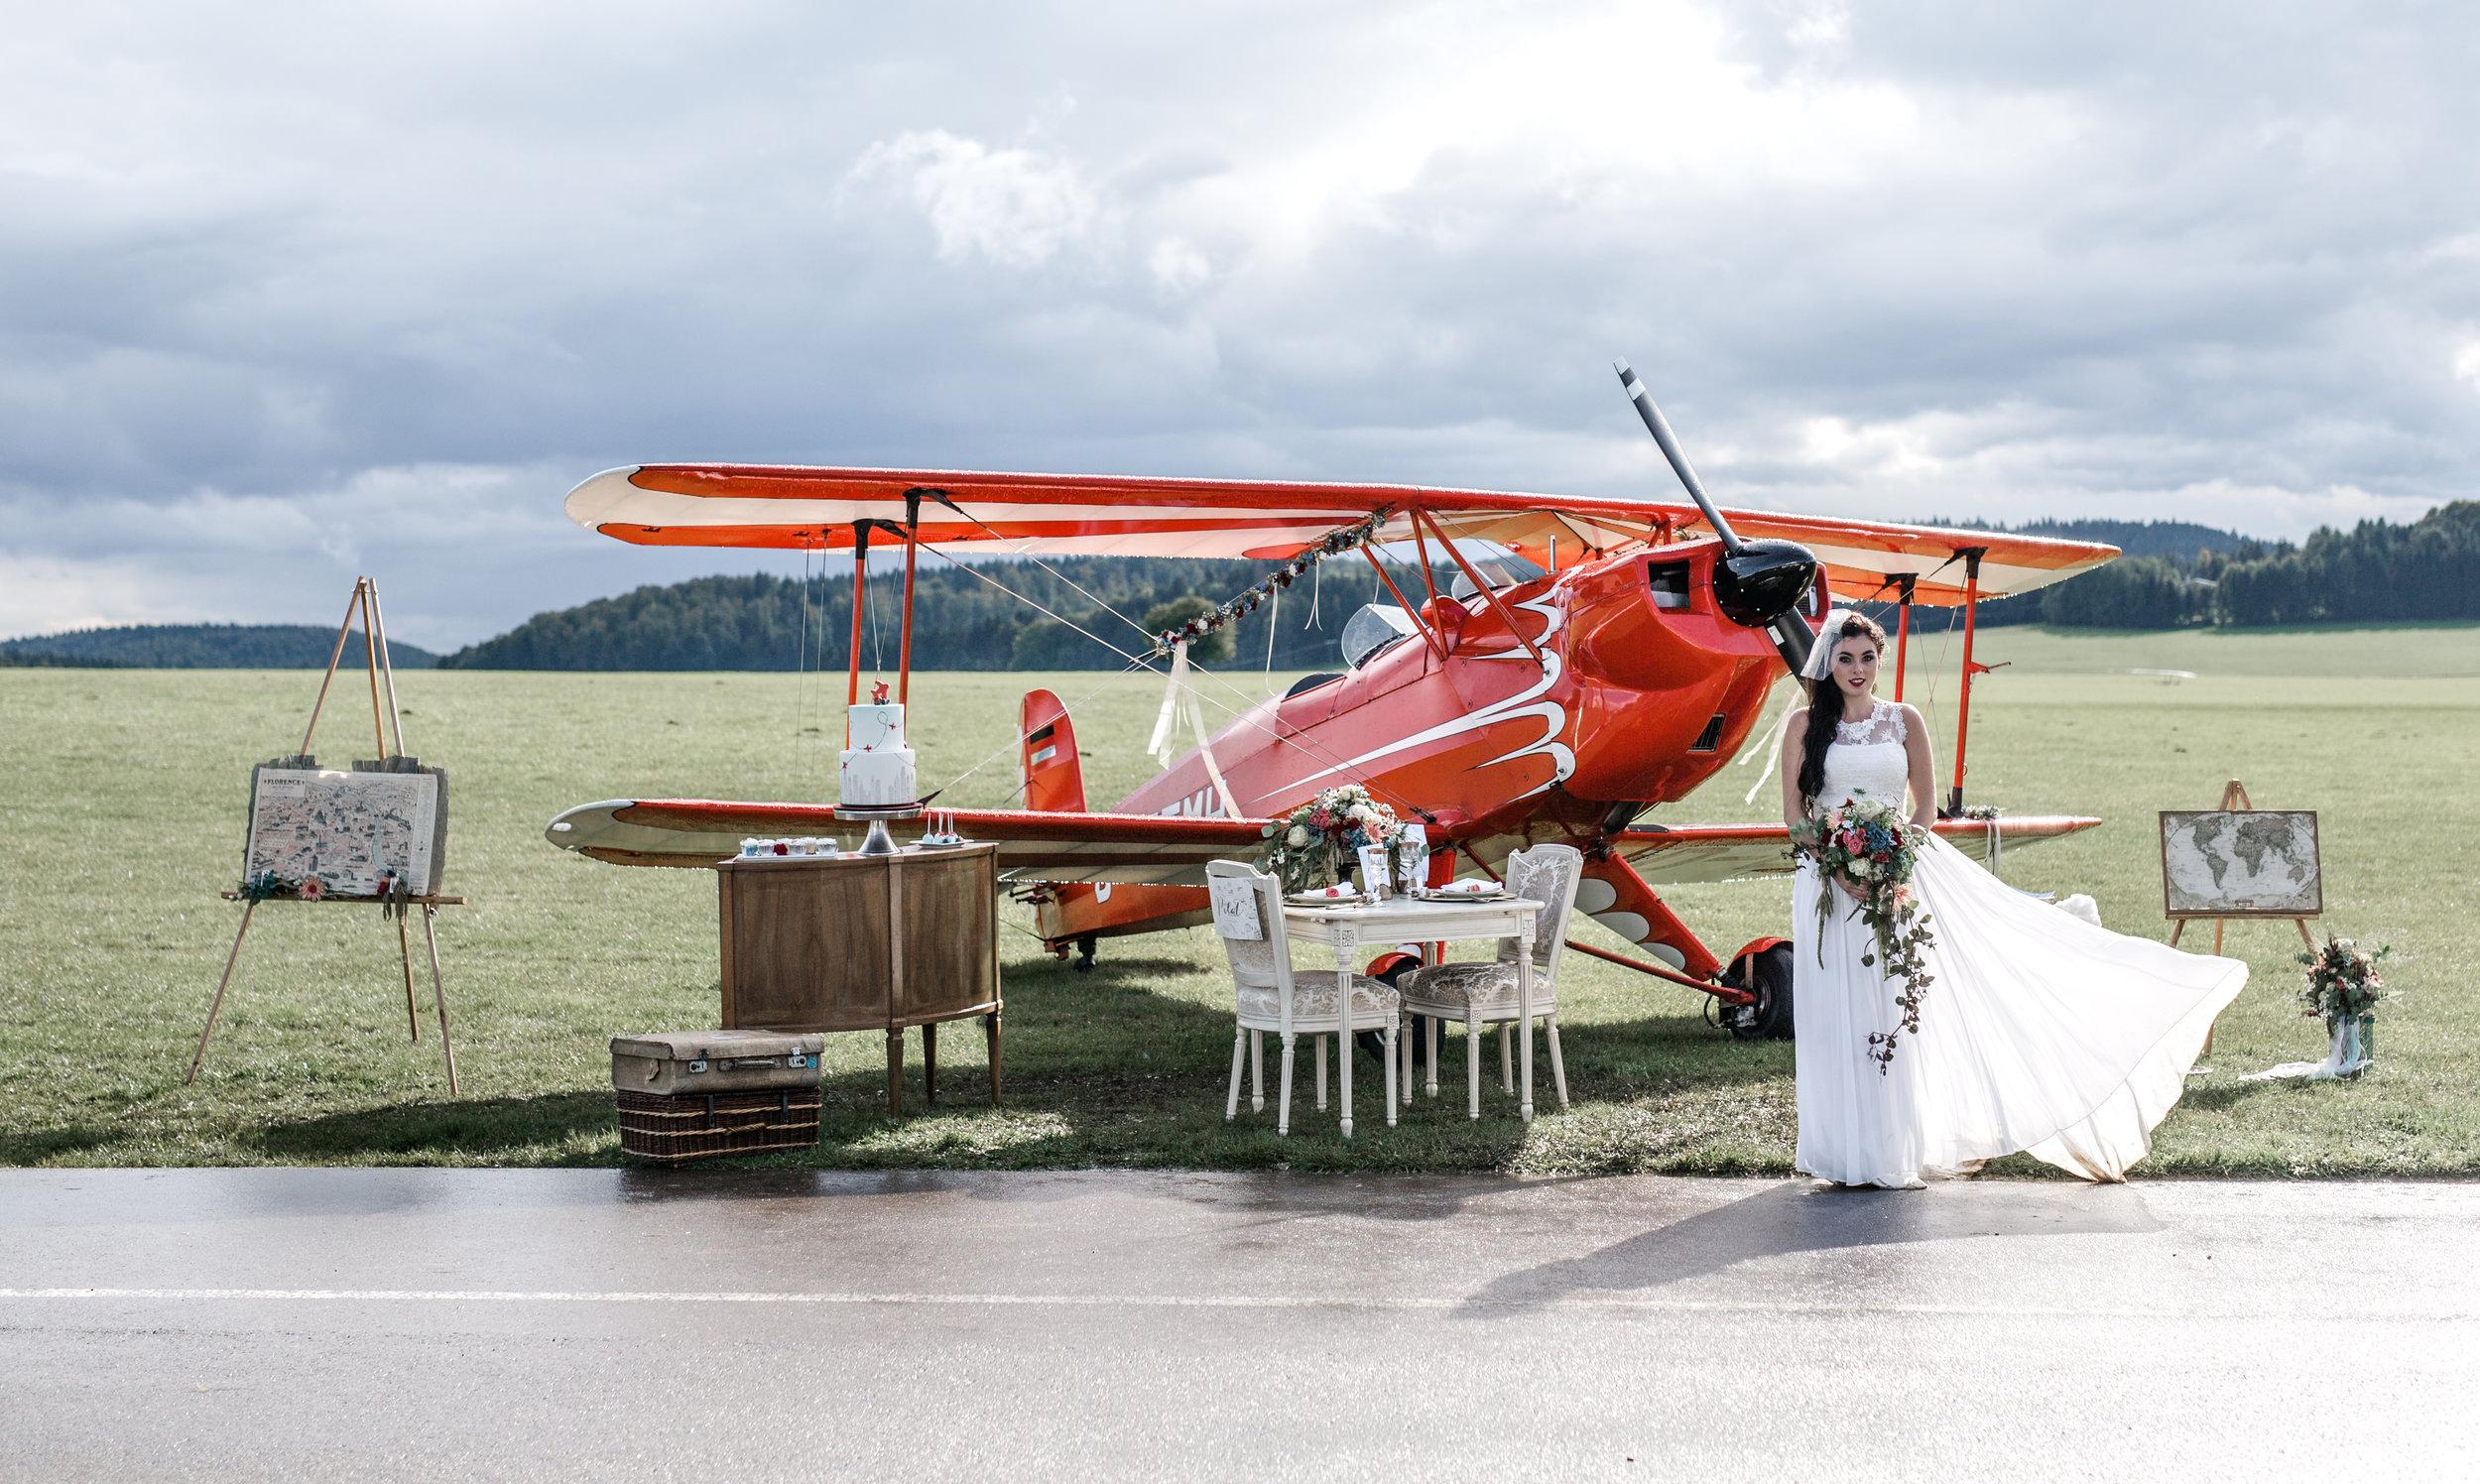 Flugplatz_Hochzeit-135.JPG